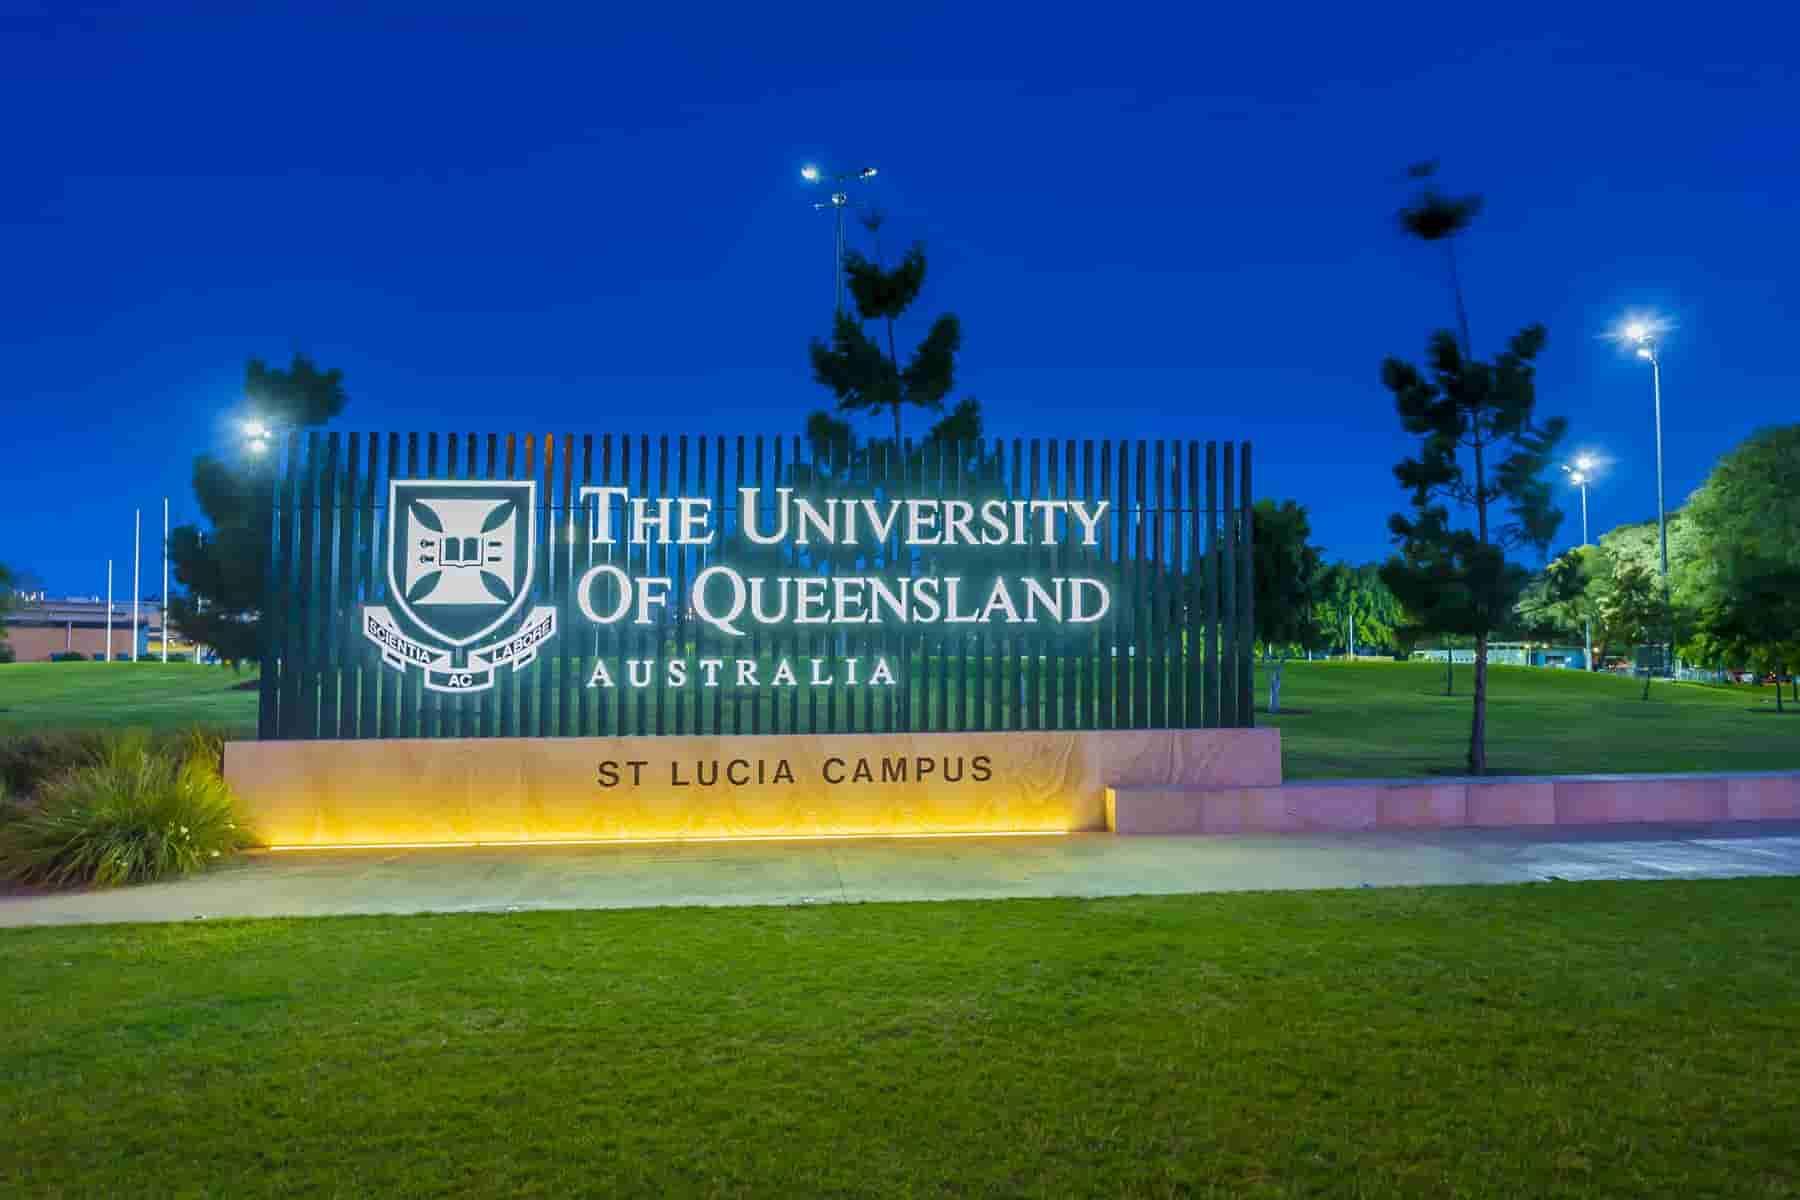 منحة جامعة كوينزلاند للحصول على الدكتوراه في أستراليا (ممولة بالكامل)